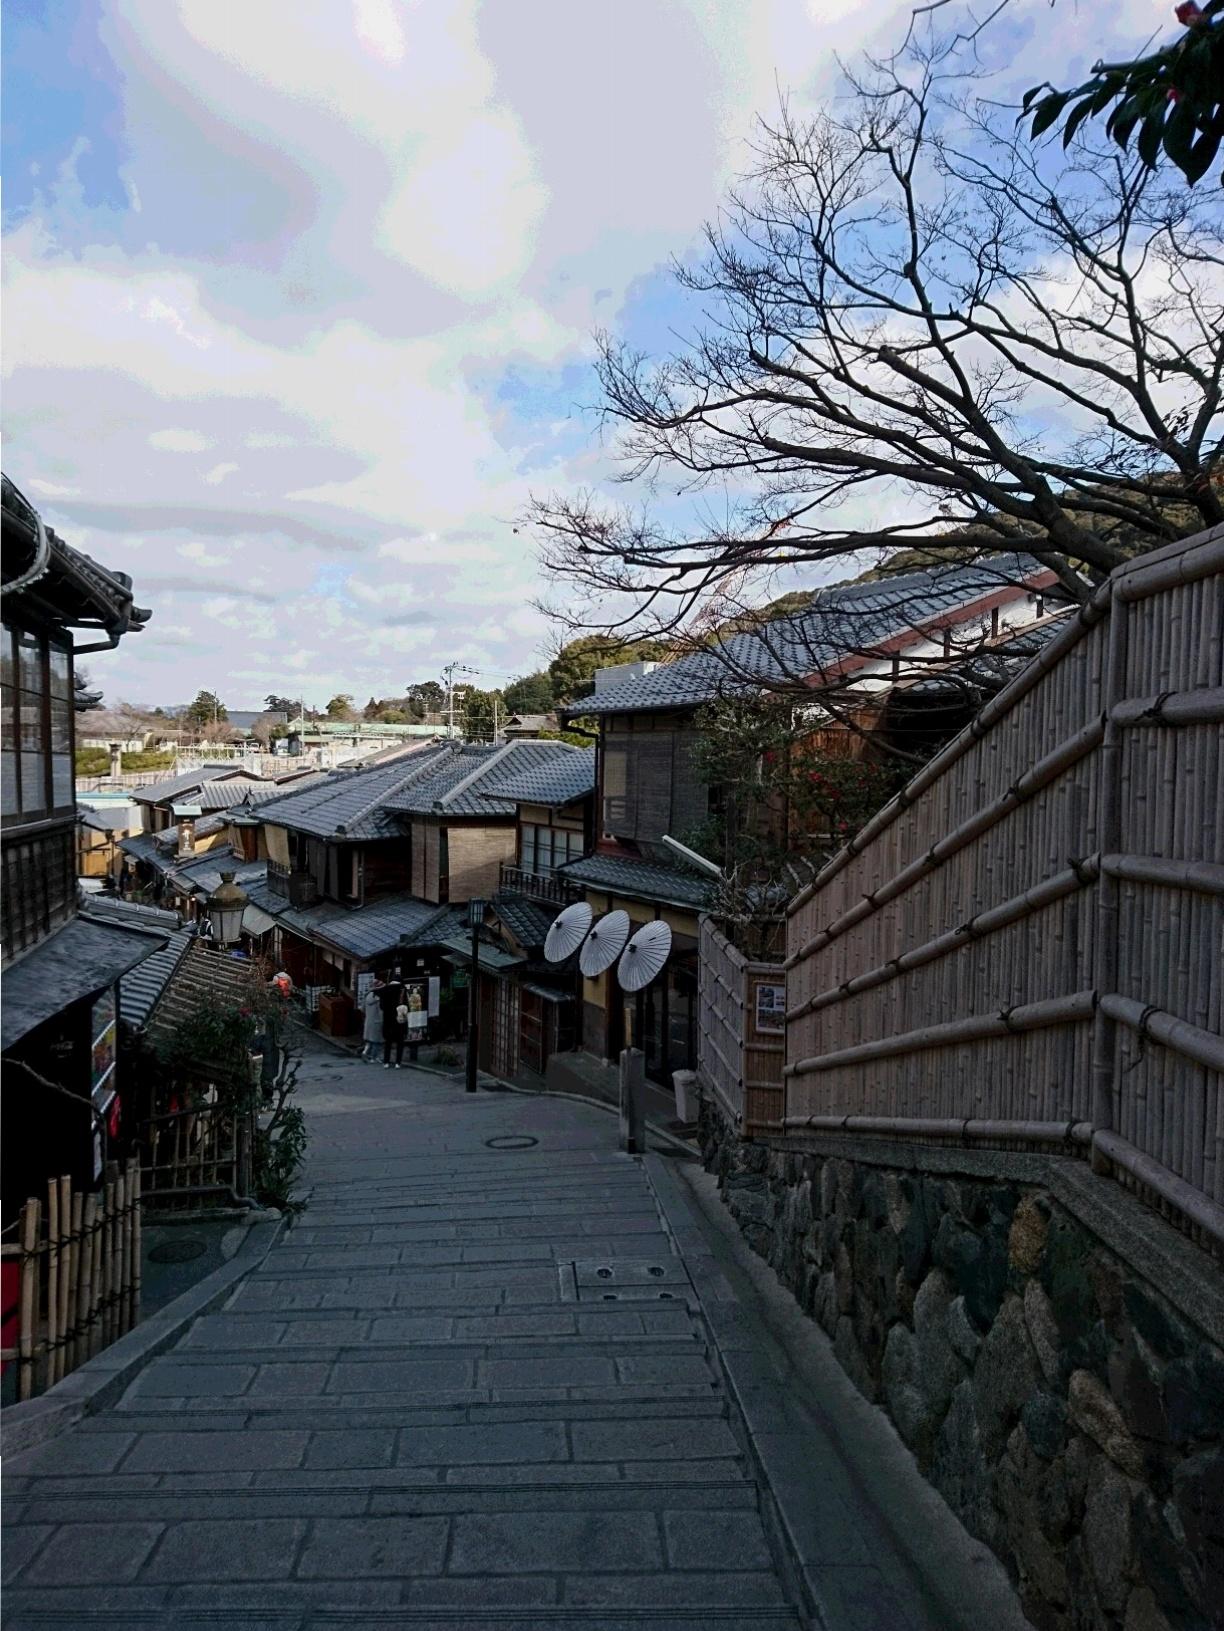 京都のおすすめランチ特集 - 京都女子旅や京都観光におすすめの和食店やレストラン7選_25